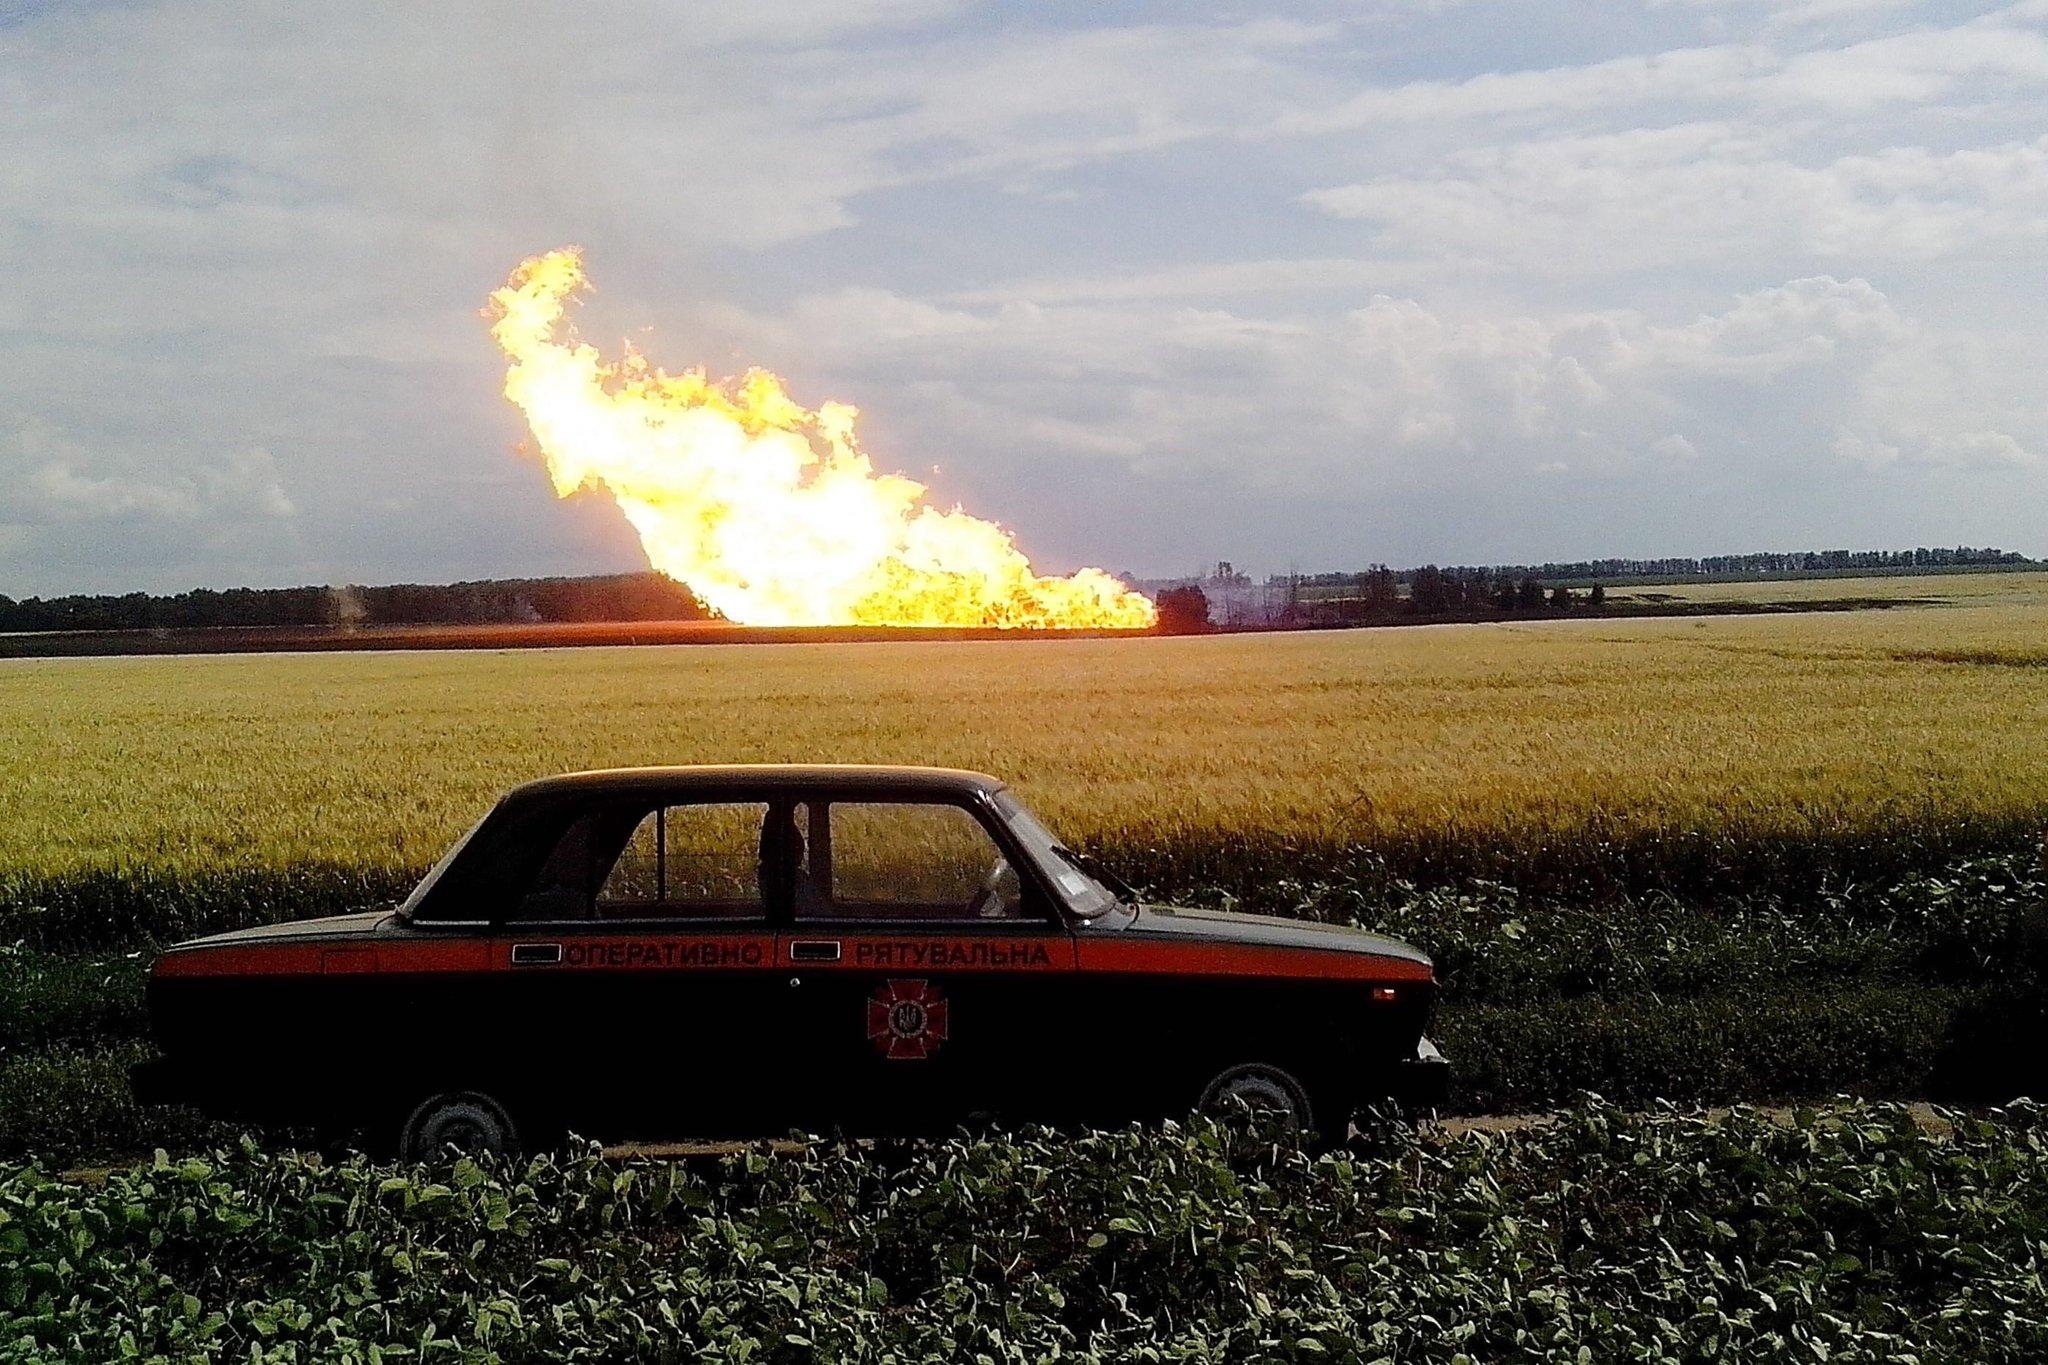 Đường ống khí đốt chạy qua Ukraine nổ tung sau khi Nga cắt hợp đồng 5